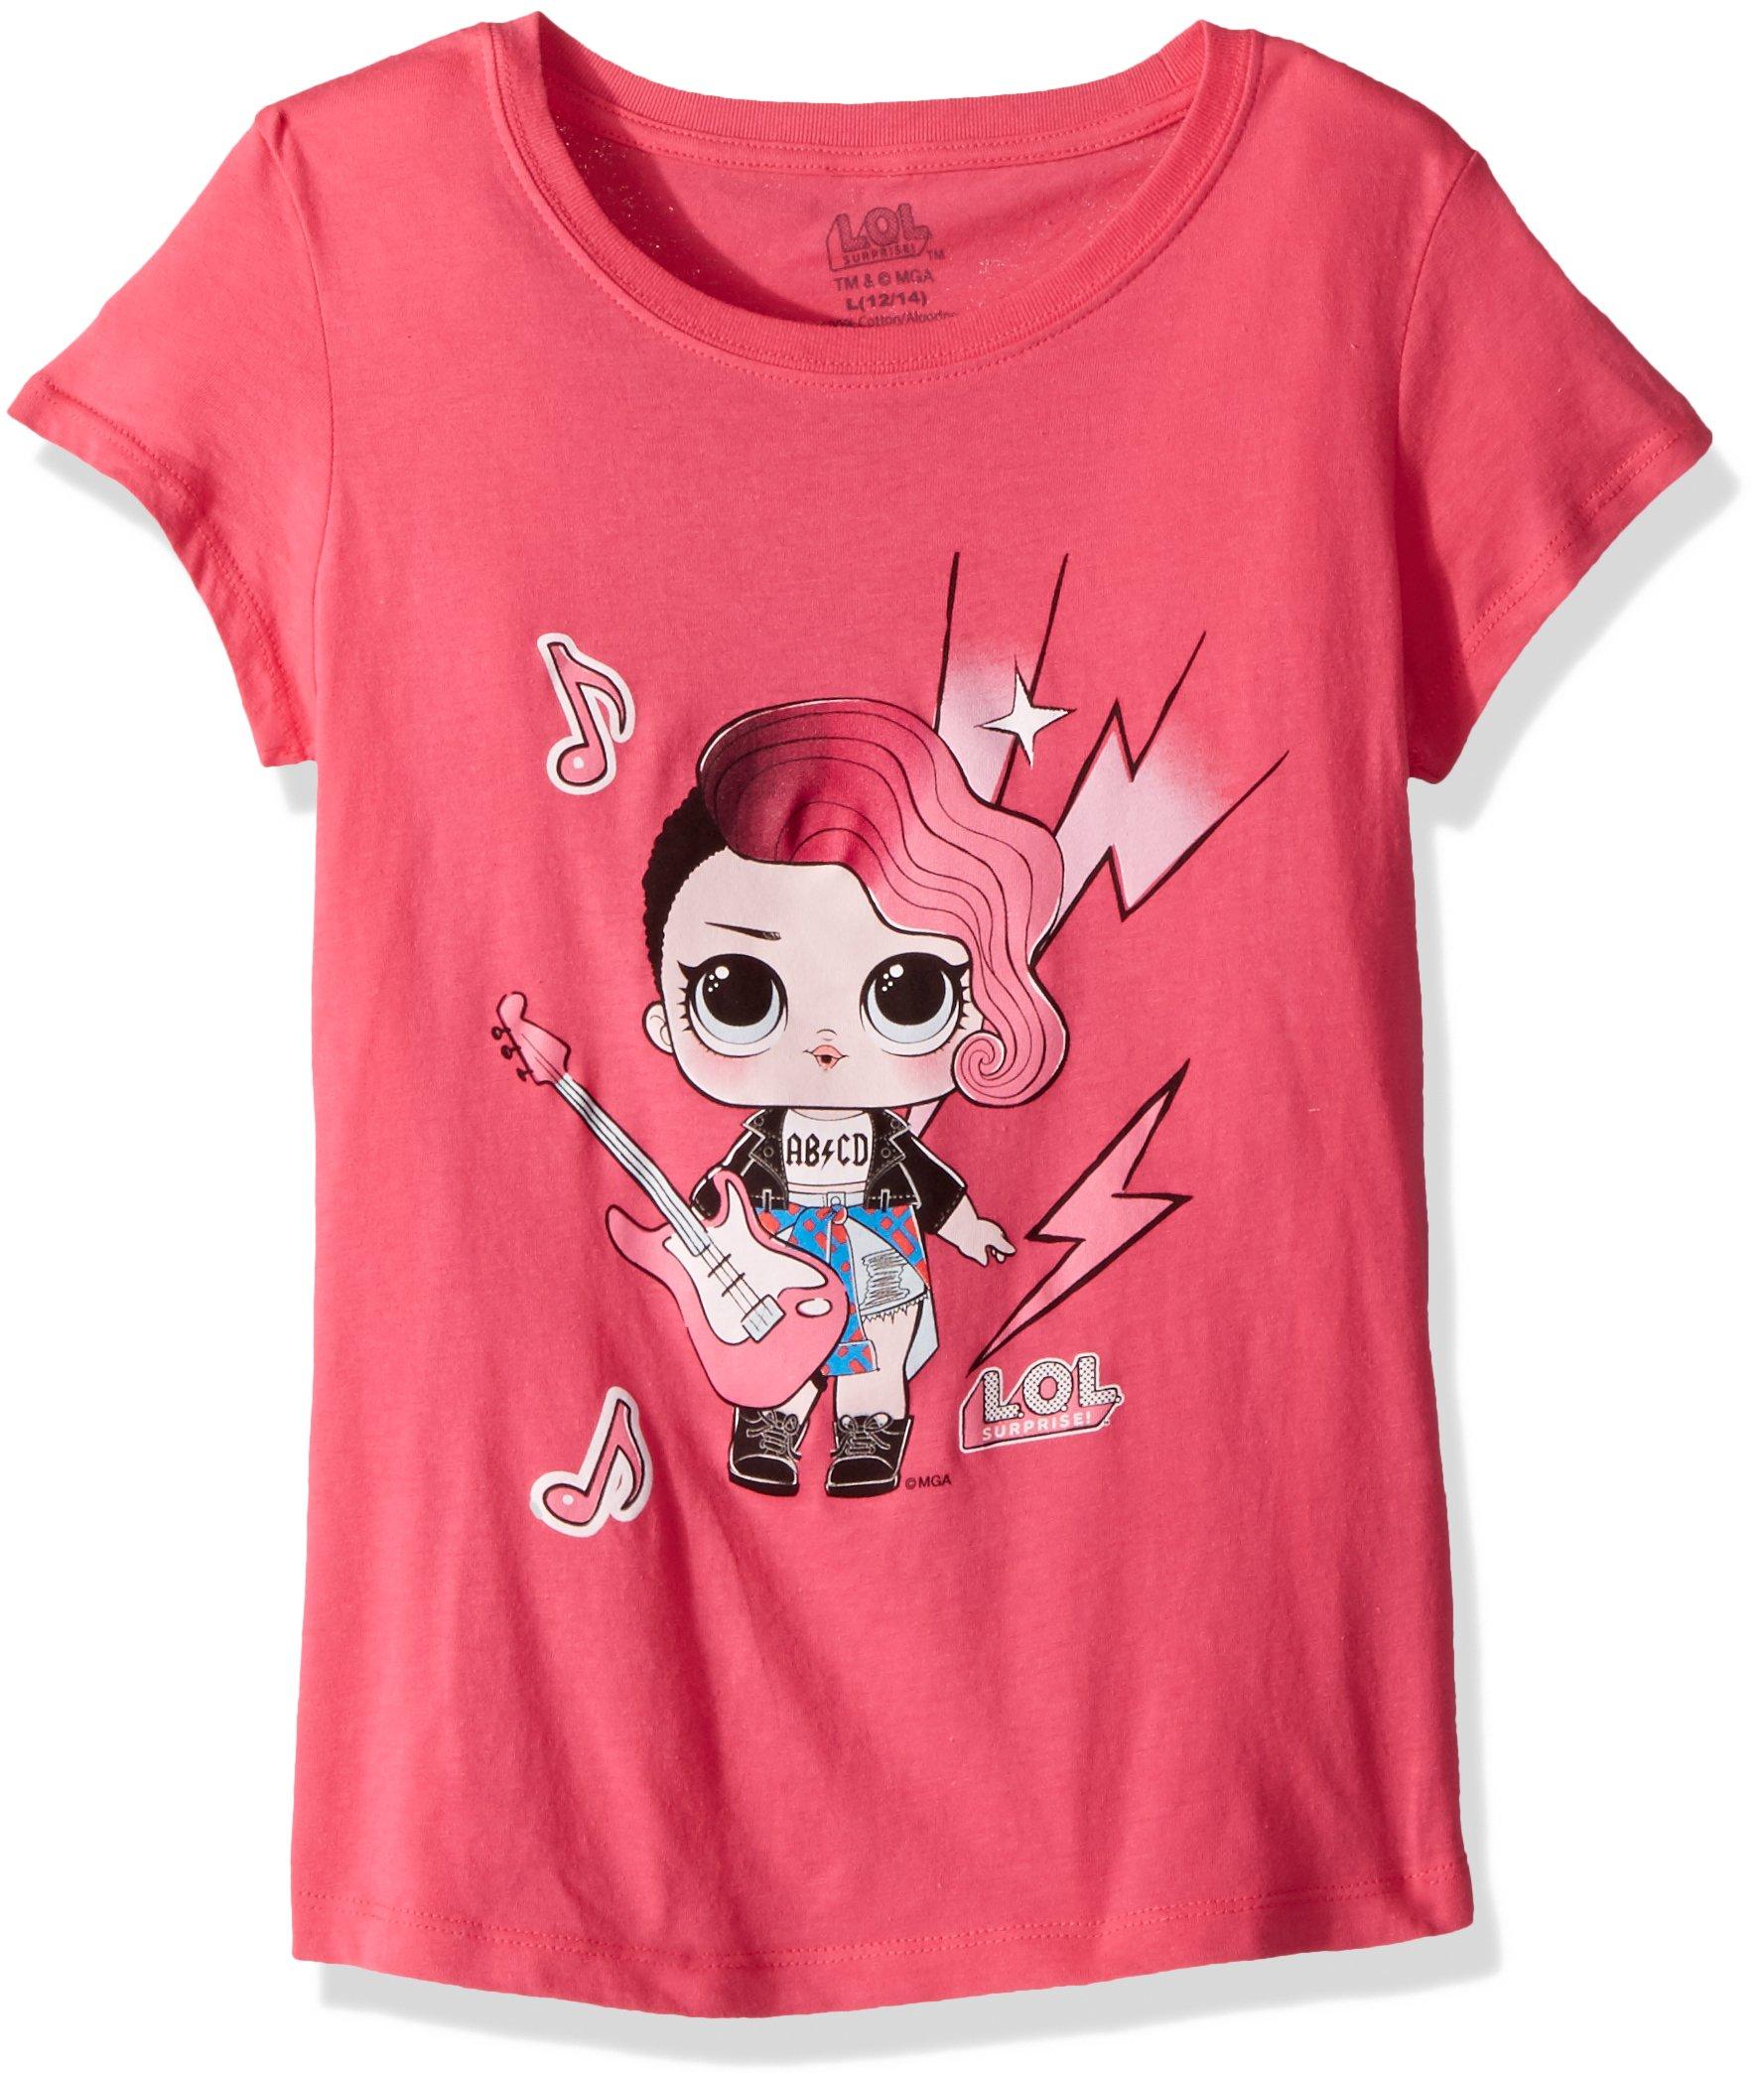 L.O.L. Surprise! Little Girls' Glee Club Rocker Short Sleeve T-Shirt, Hot Pink, M-5/6